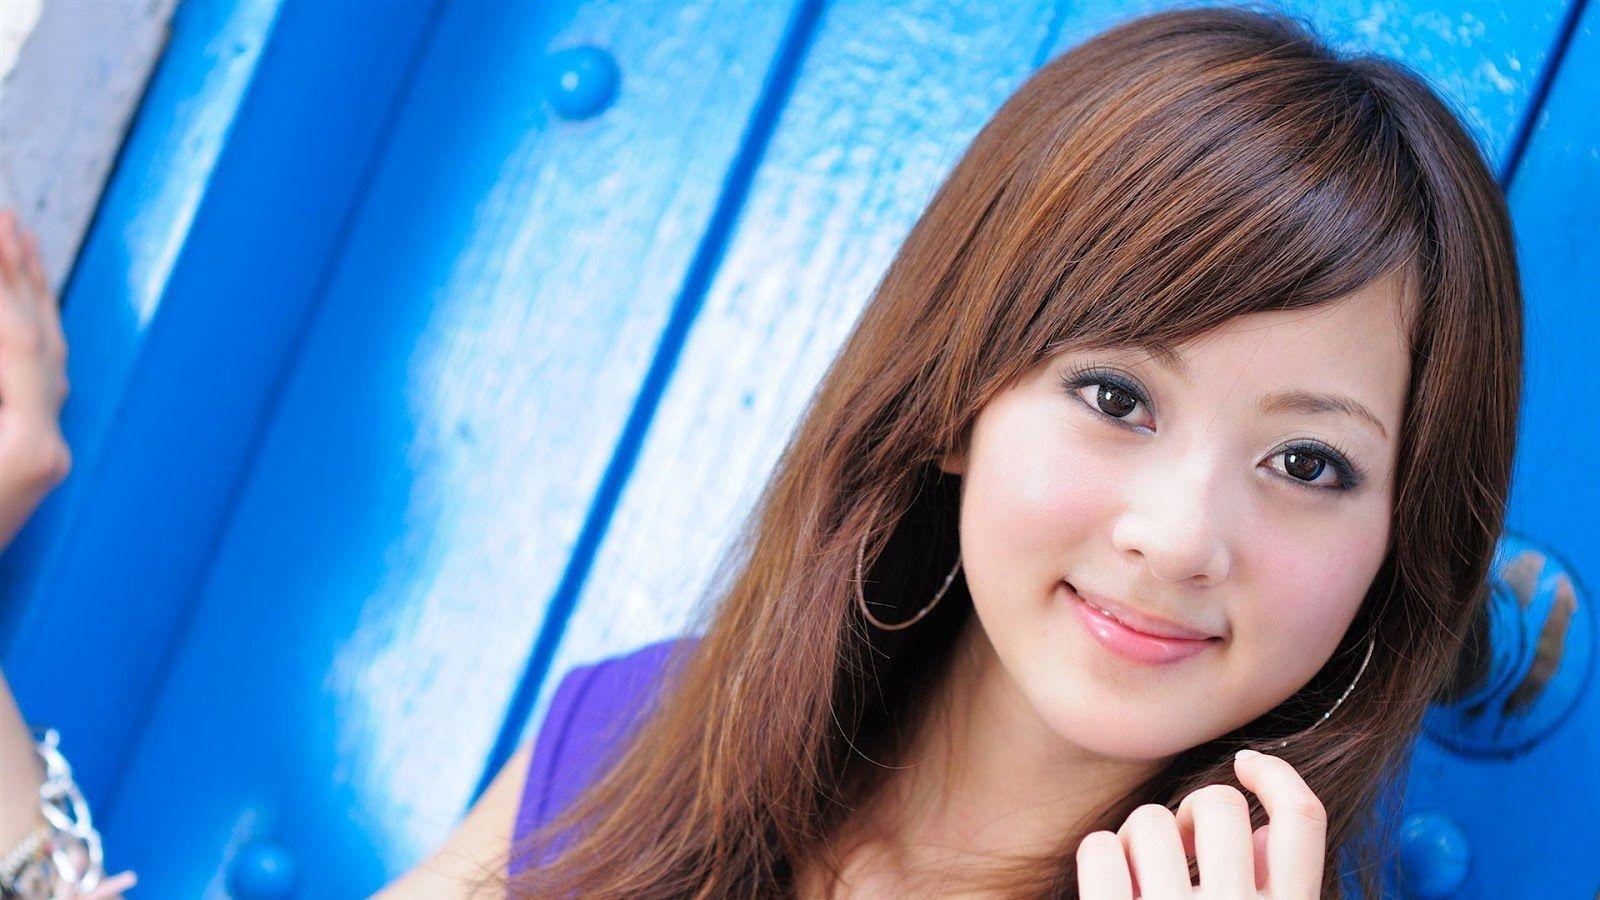 X wallpaper images korean likeagod pinterest korean and